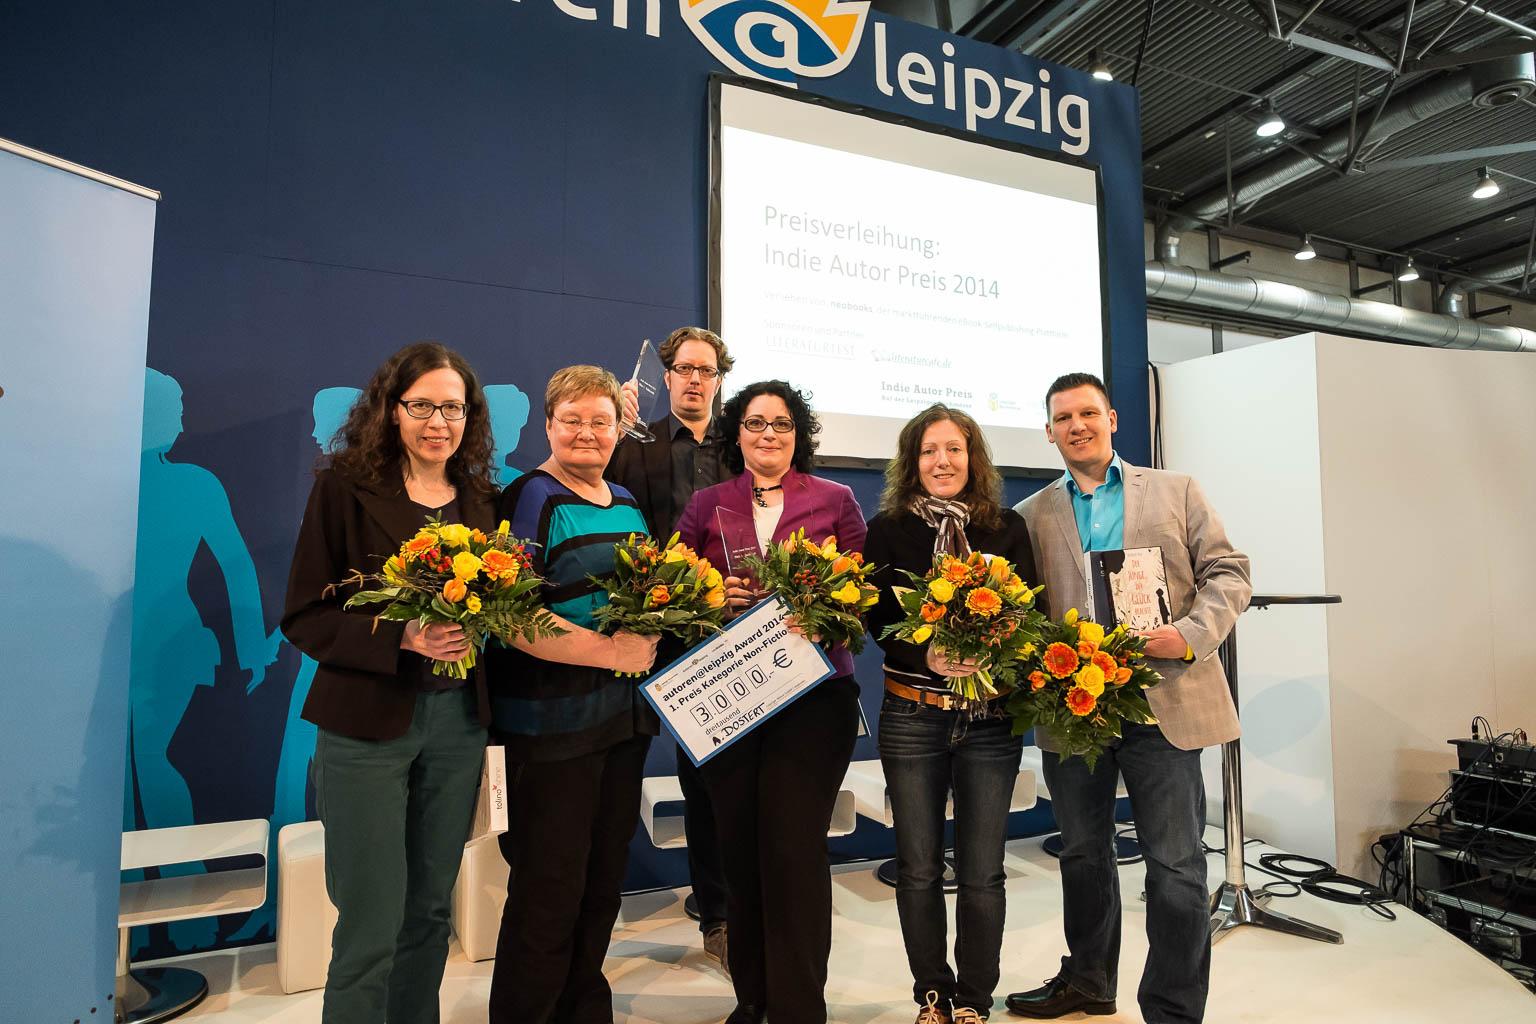 Die Gewinner des 2. Indie Autor Award 2014 (Foto: Birgit-Cathrin Duval)